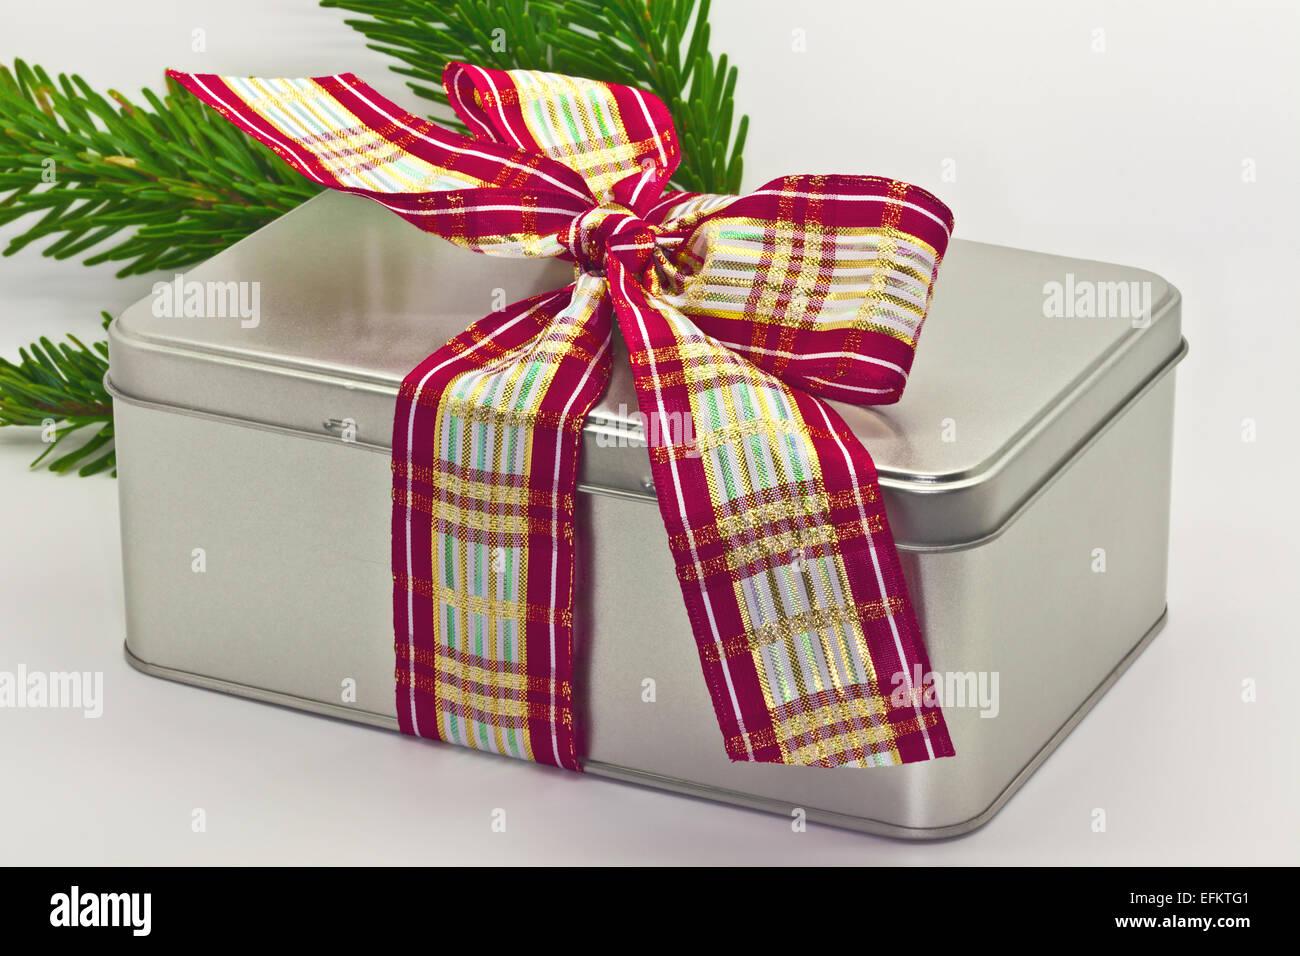 Estaño festiva caja de regalo con cinta ancha de proa. Imagen De Stock